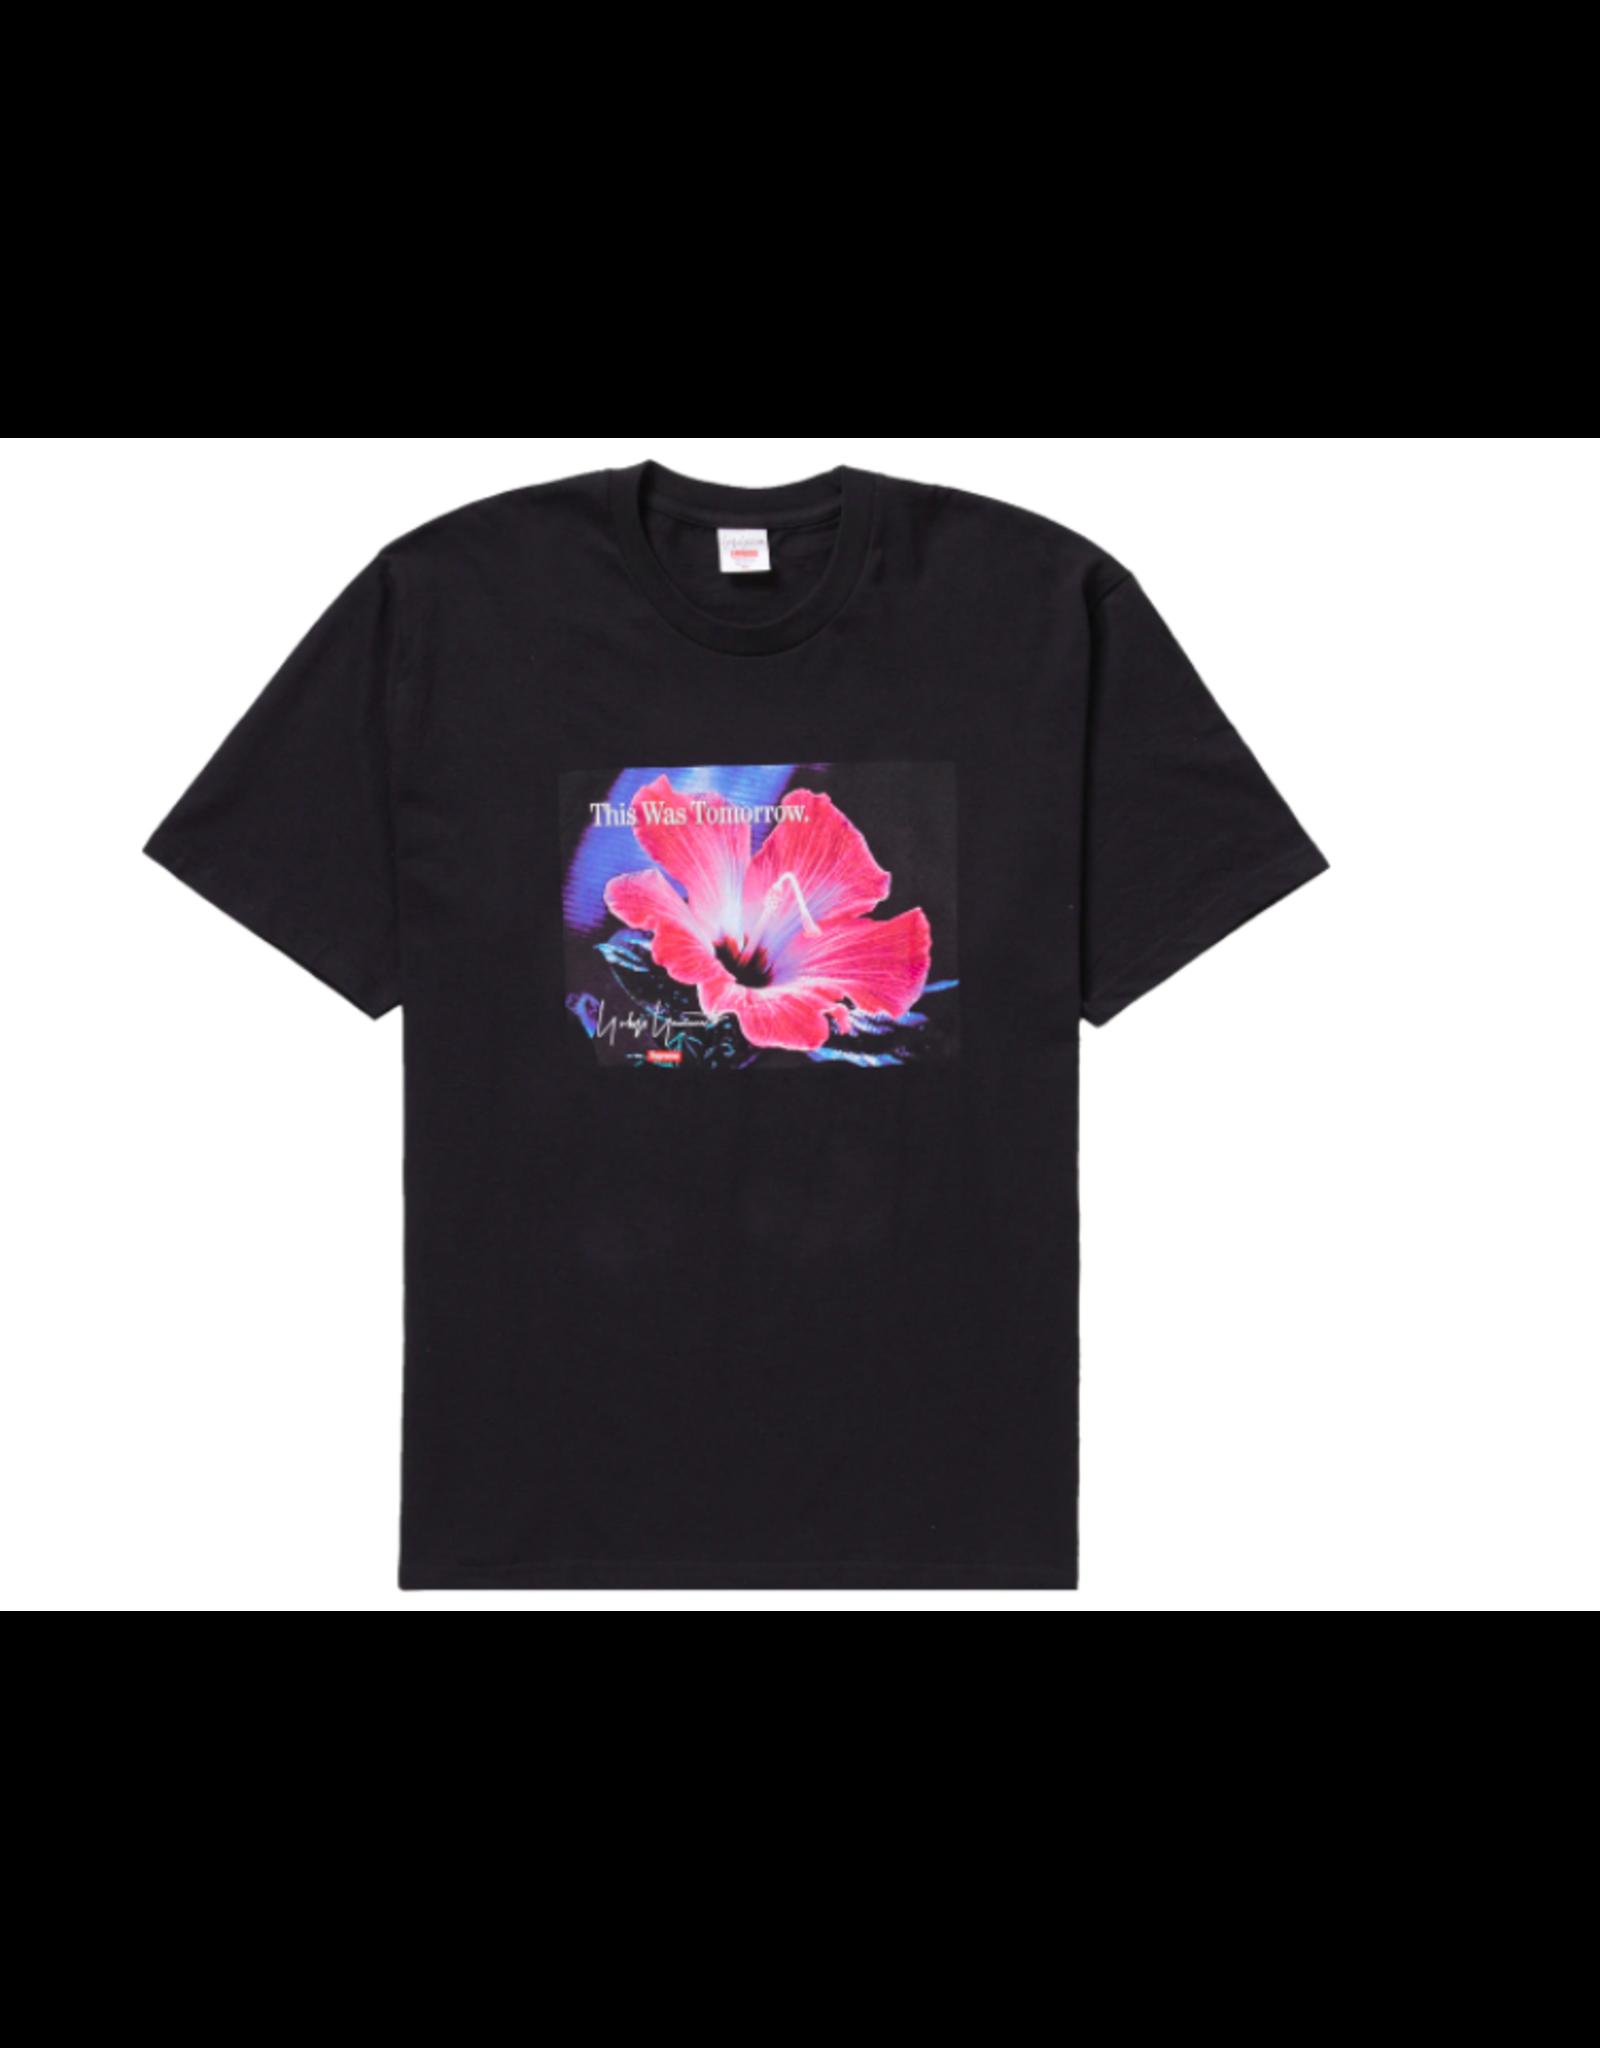 SUPREME Supreme Yohji Yamamoto This Was Tomorrow Tee Black LG